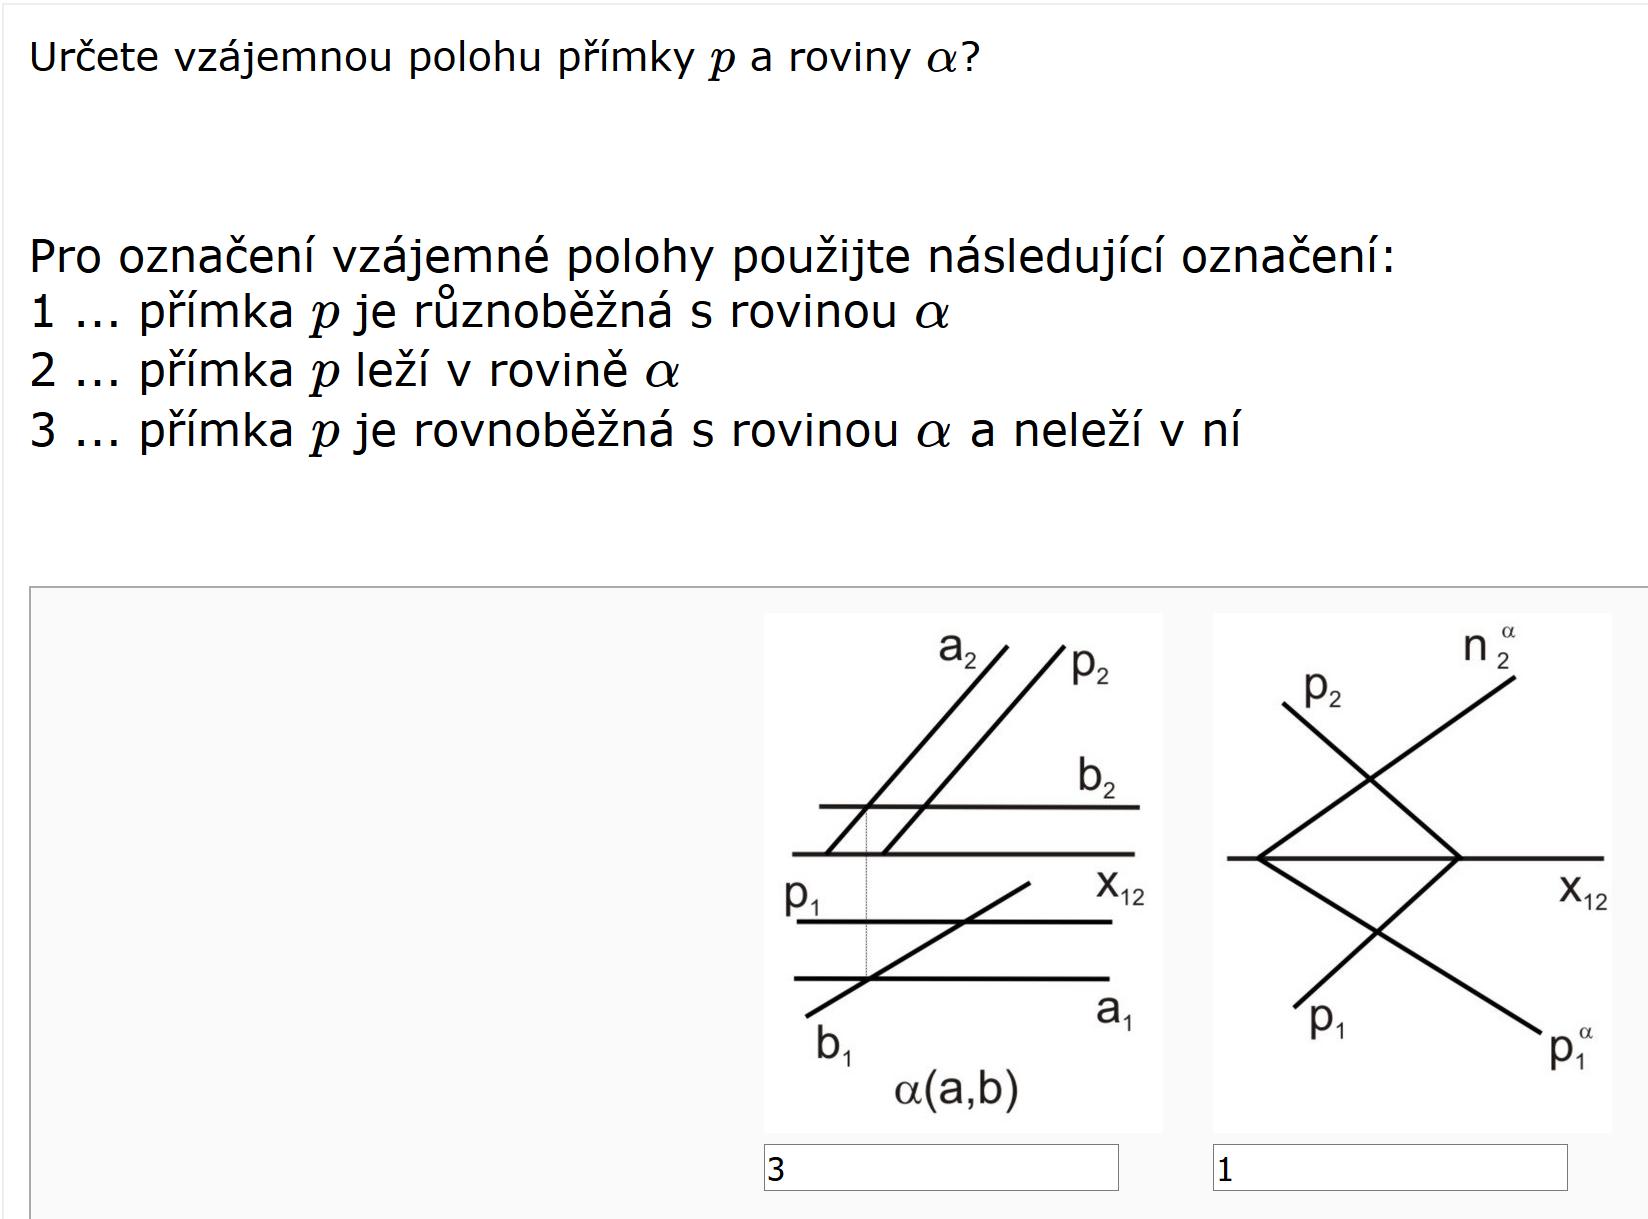 http://forum.matematika.cz/upload3/img/2017-03/91496_Sn%25C3%25ADmek%2Bobrazovky%2B%2528257%2529.png